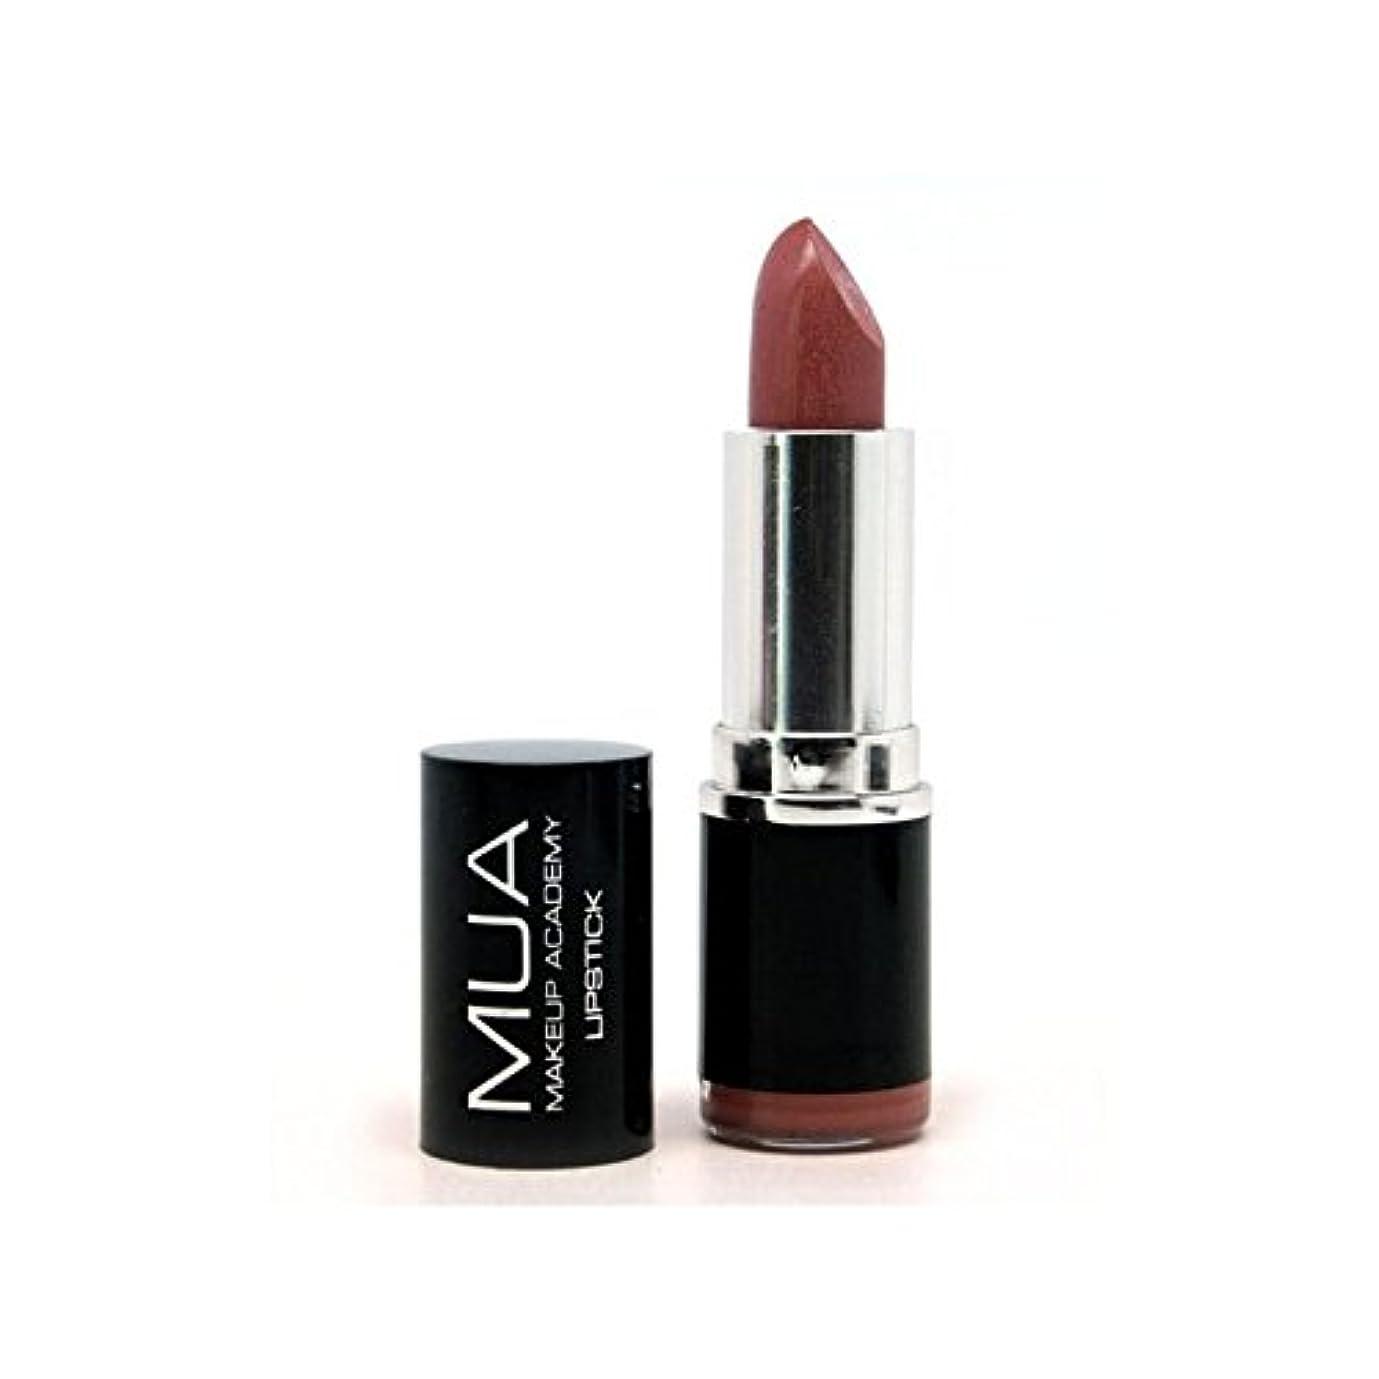 職業センサー文献MUA Lipstick - Shade 11 (Pack of 6) - の口紅 - 日陰11 x6 [並行輸入品]